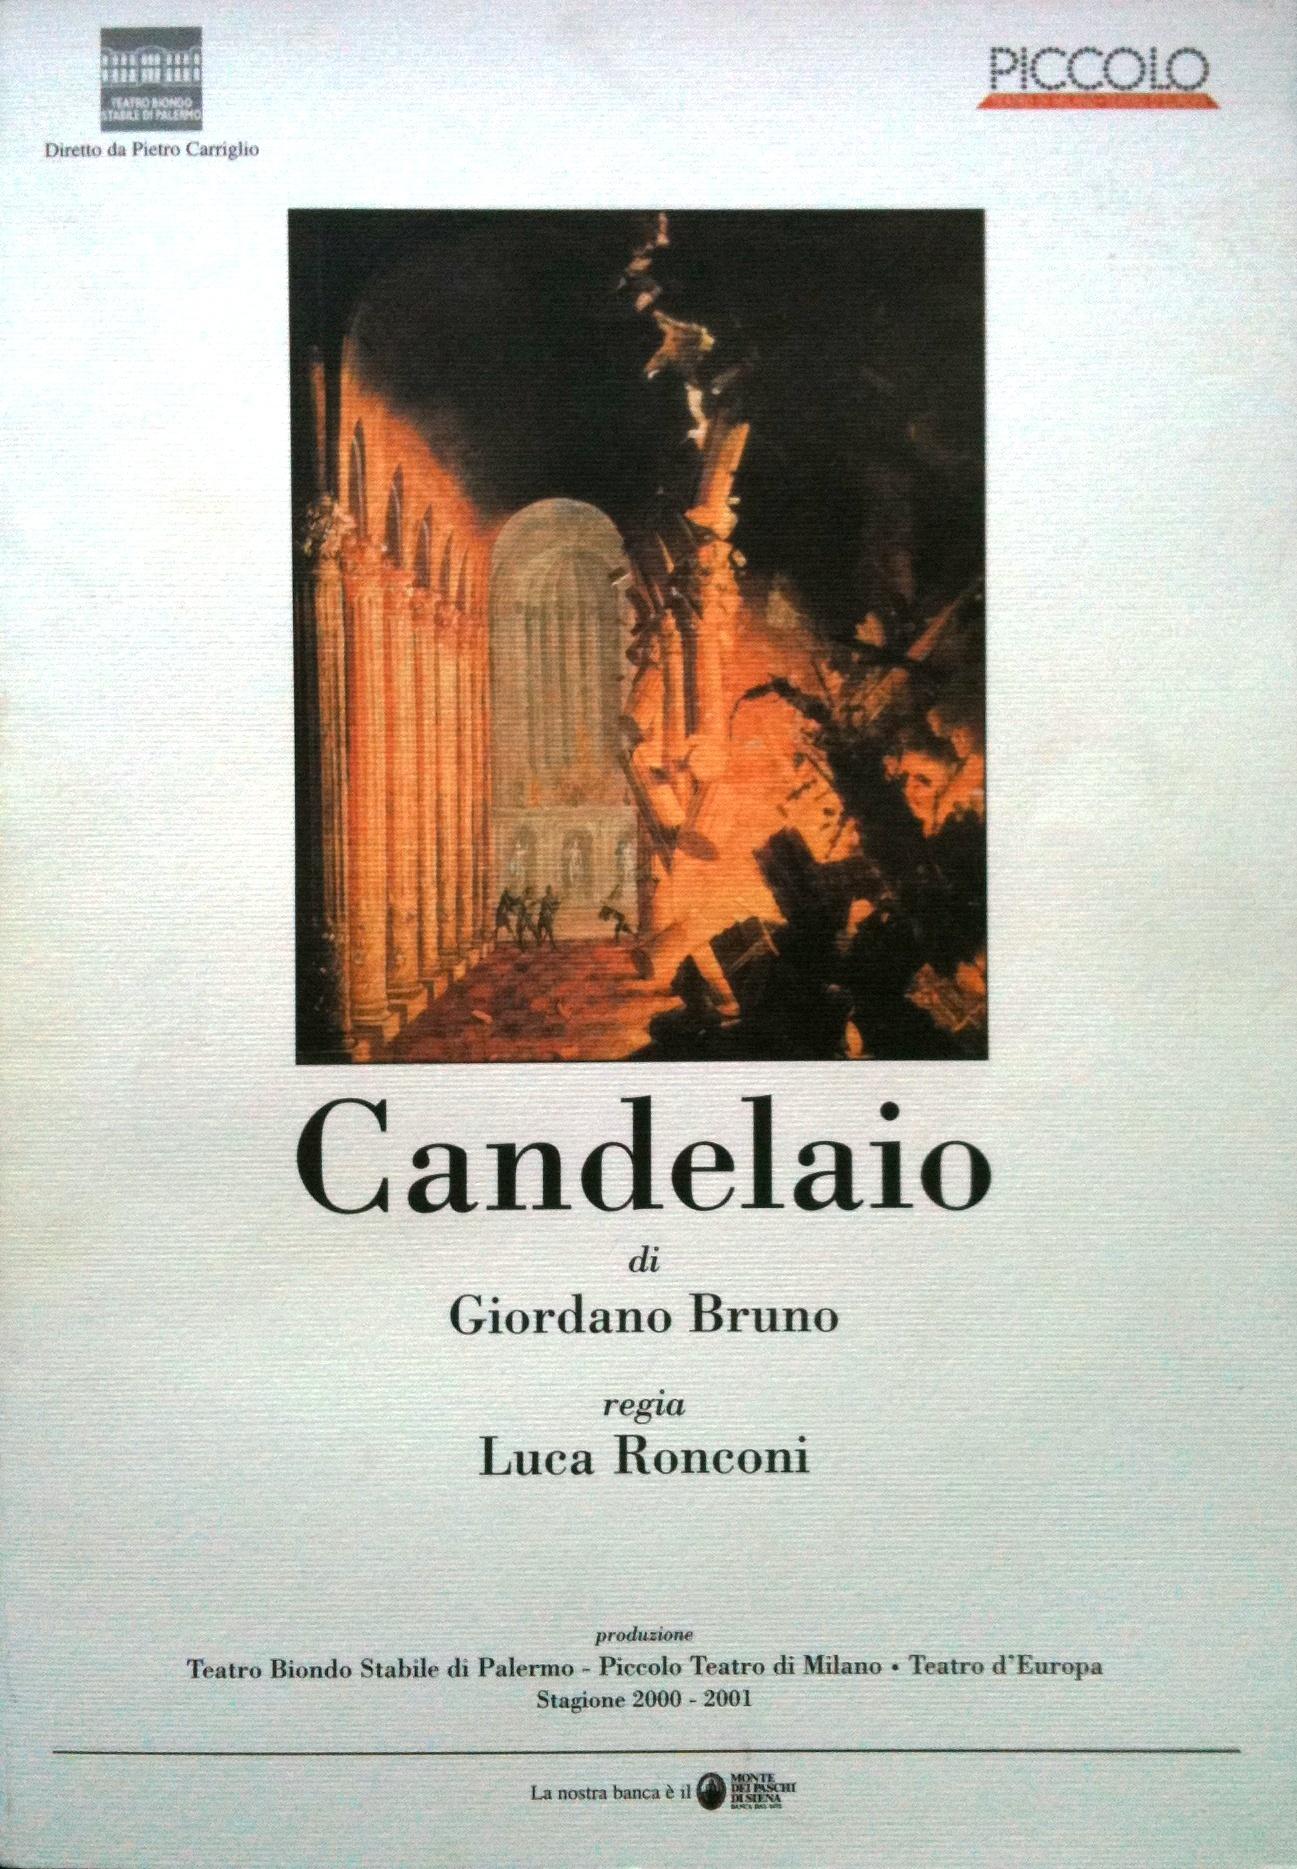 Candelaio di Giordano Bruno